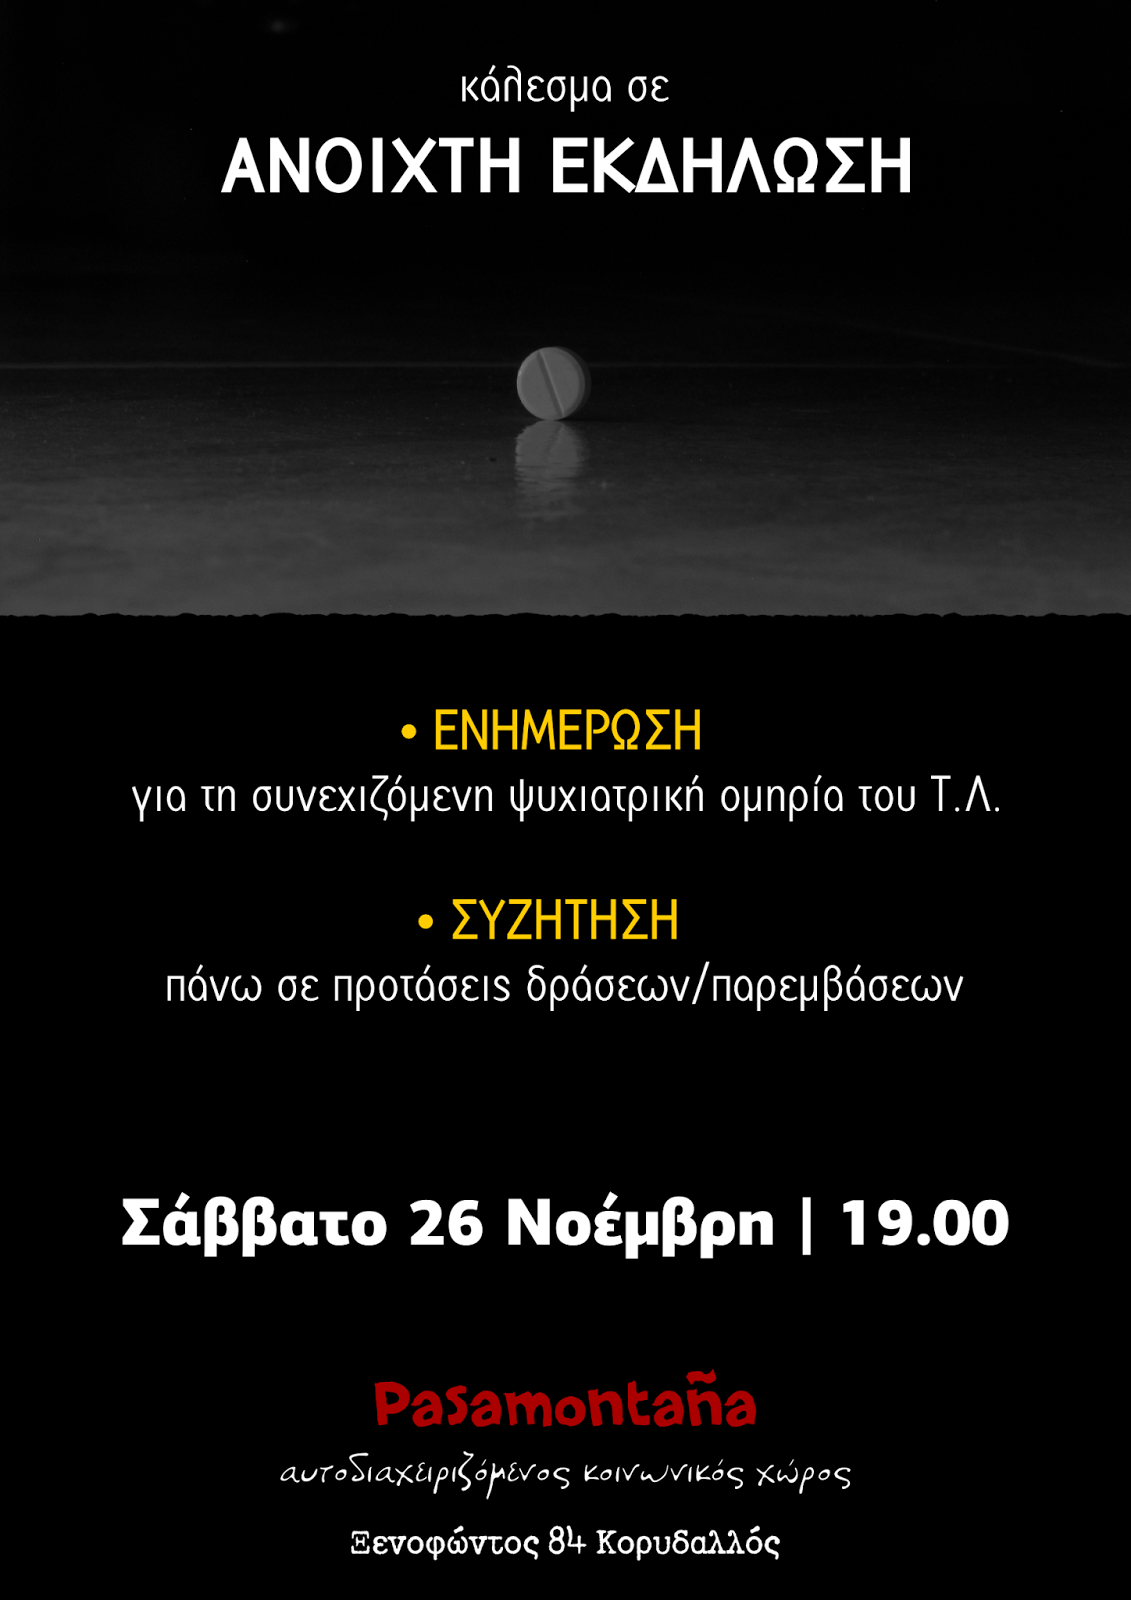 συζητηση για την ψυχιατρικη ομηρεια του τ.λ. (11/'16)